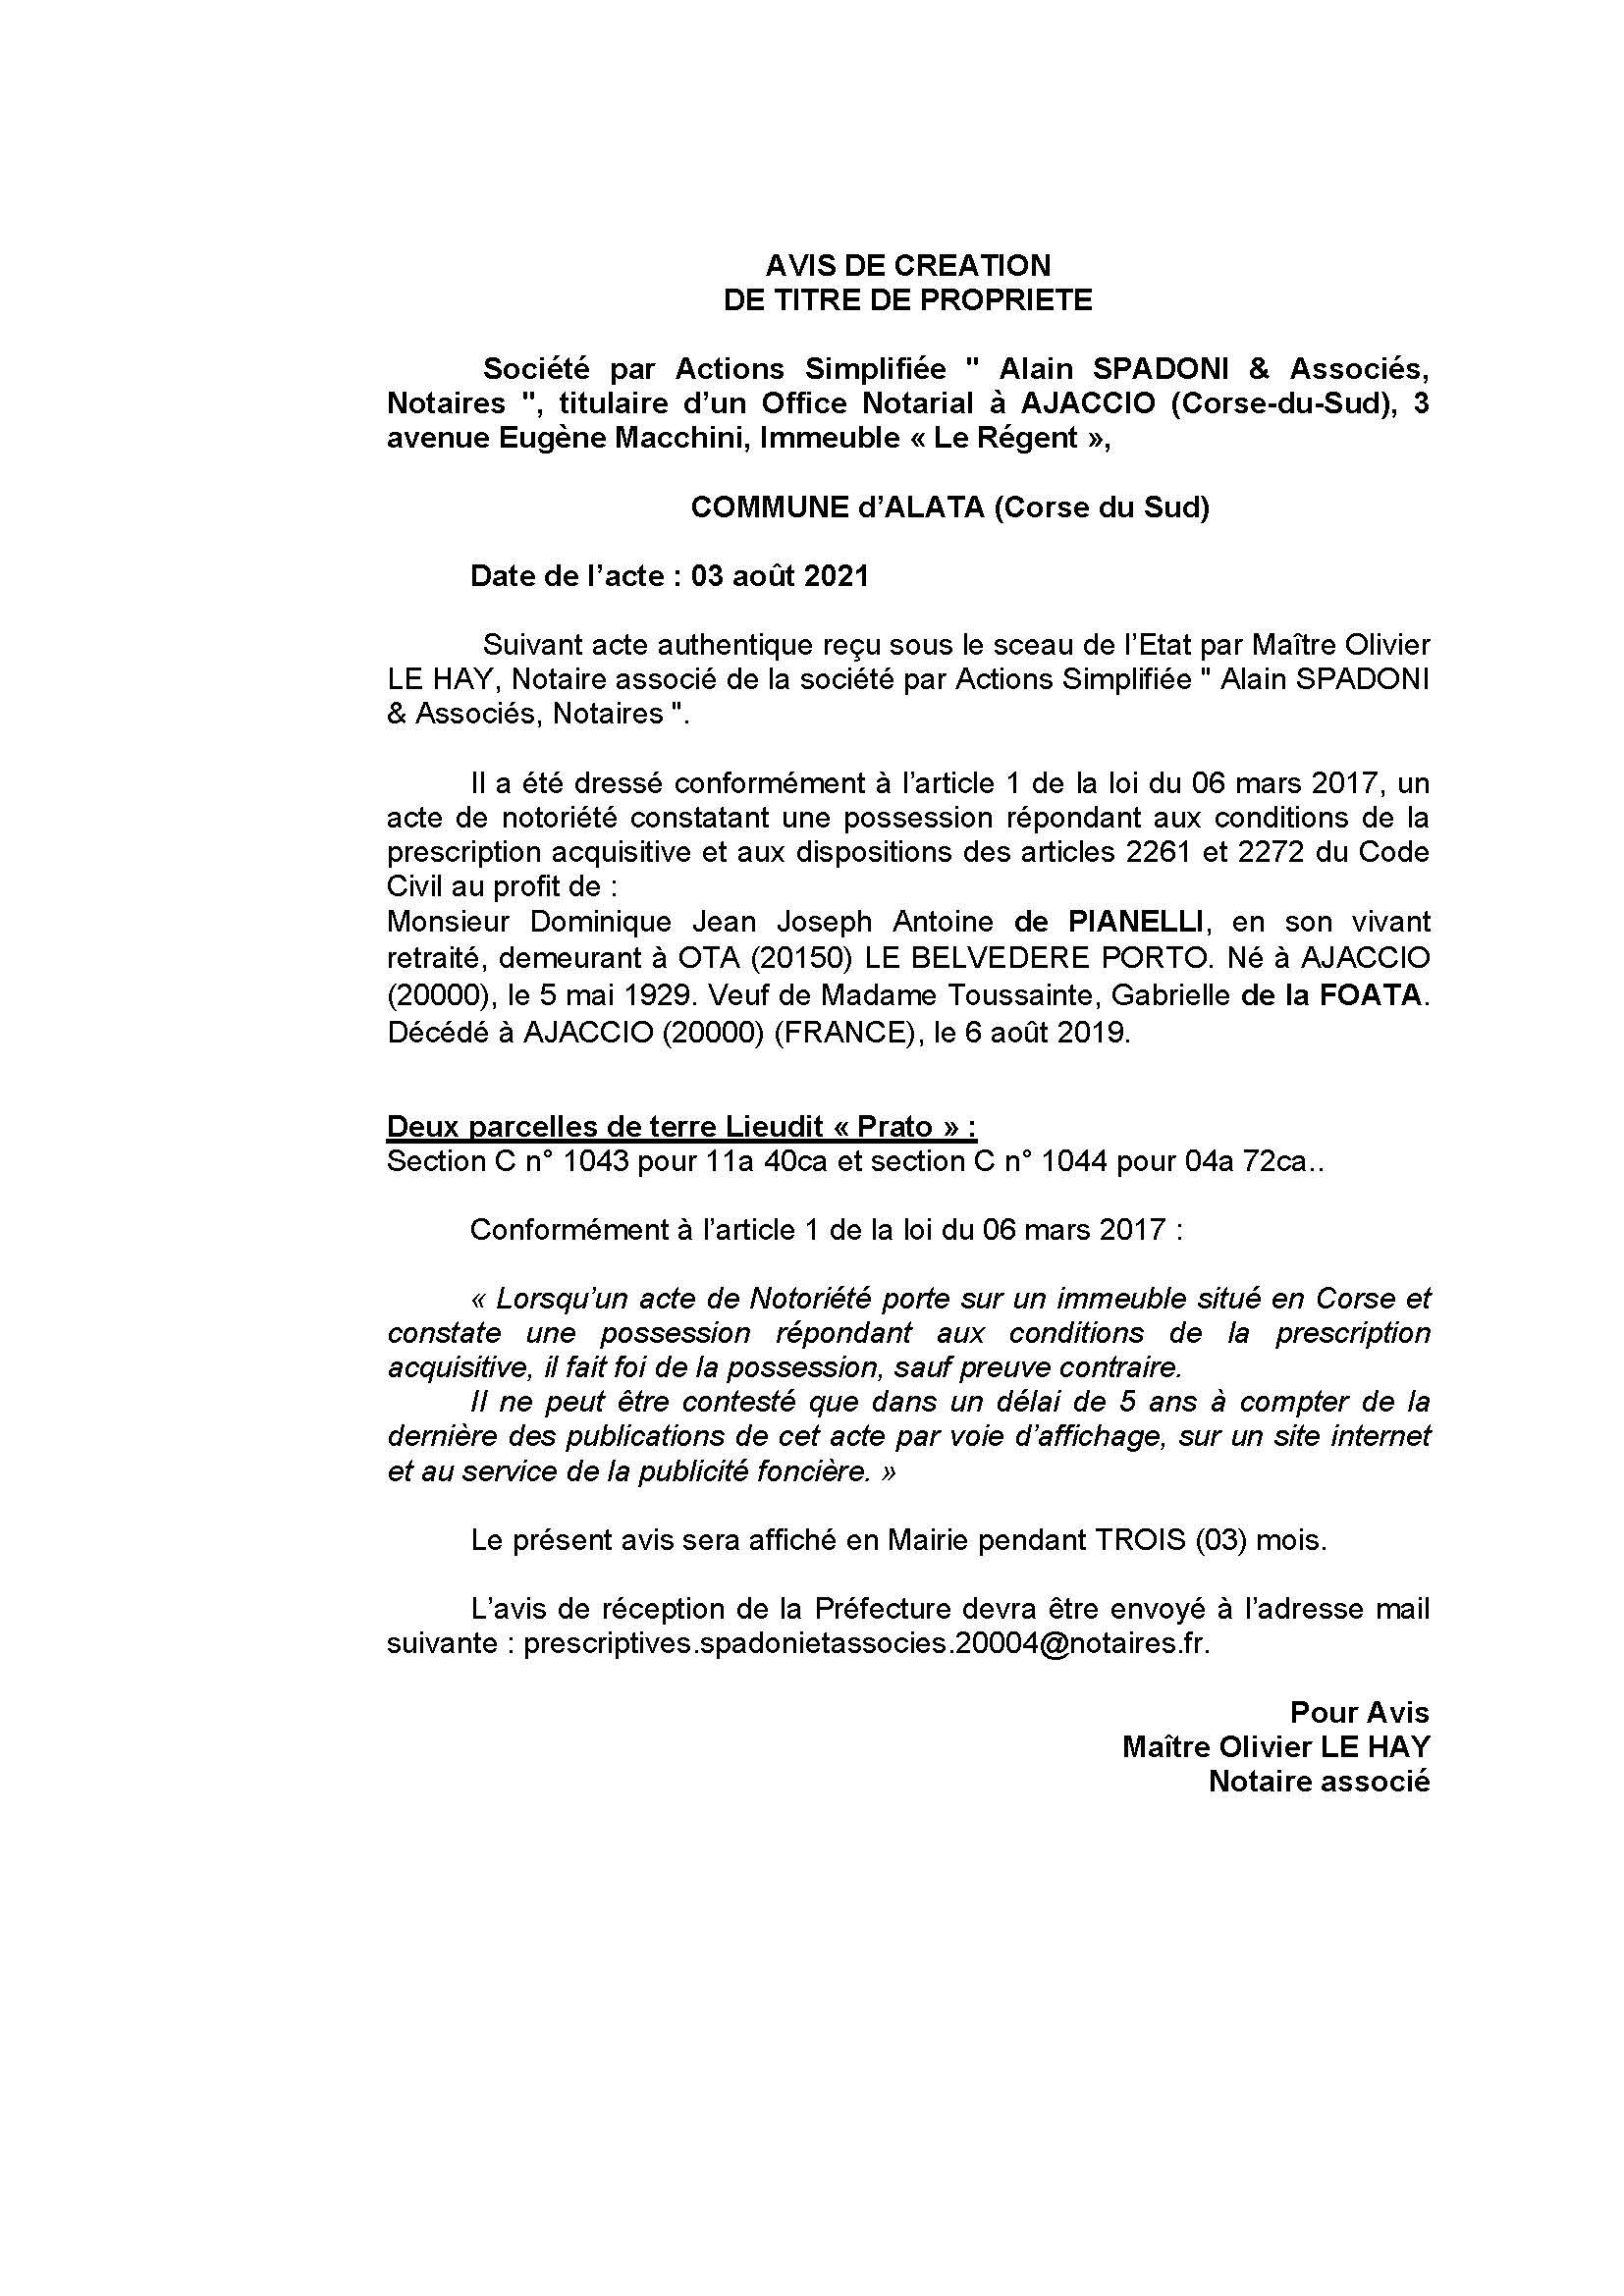 Avis de création de titre de propriété - Commune de Alata (Corse-du-Sud)